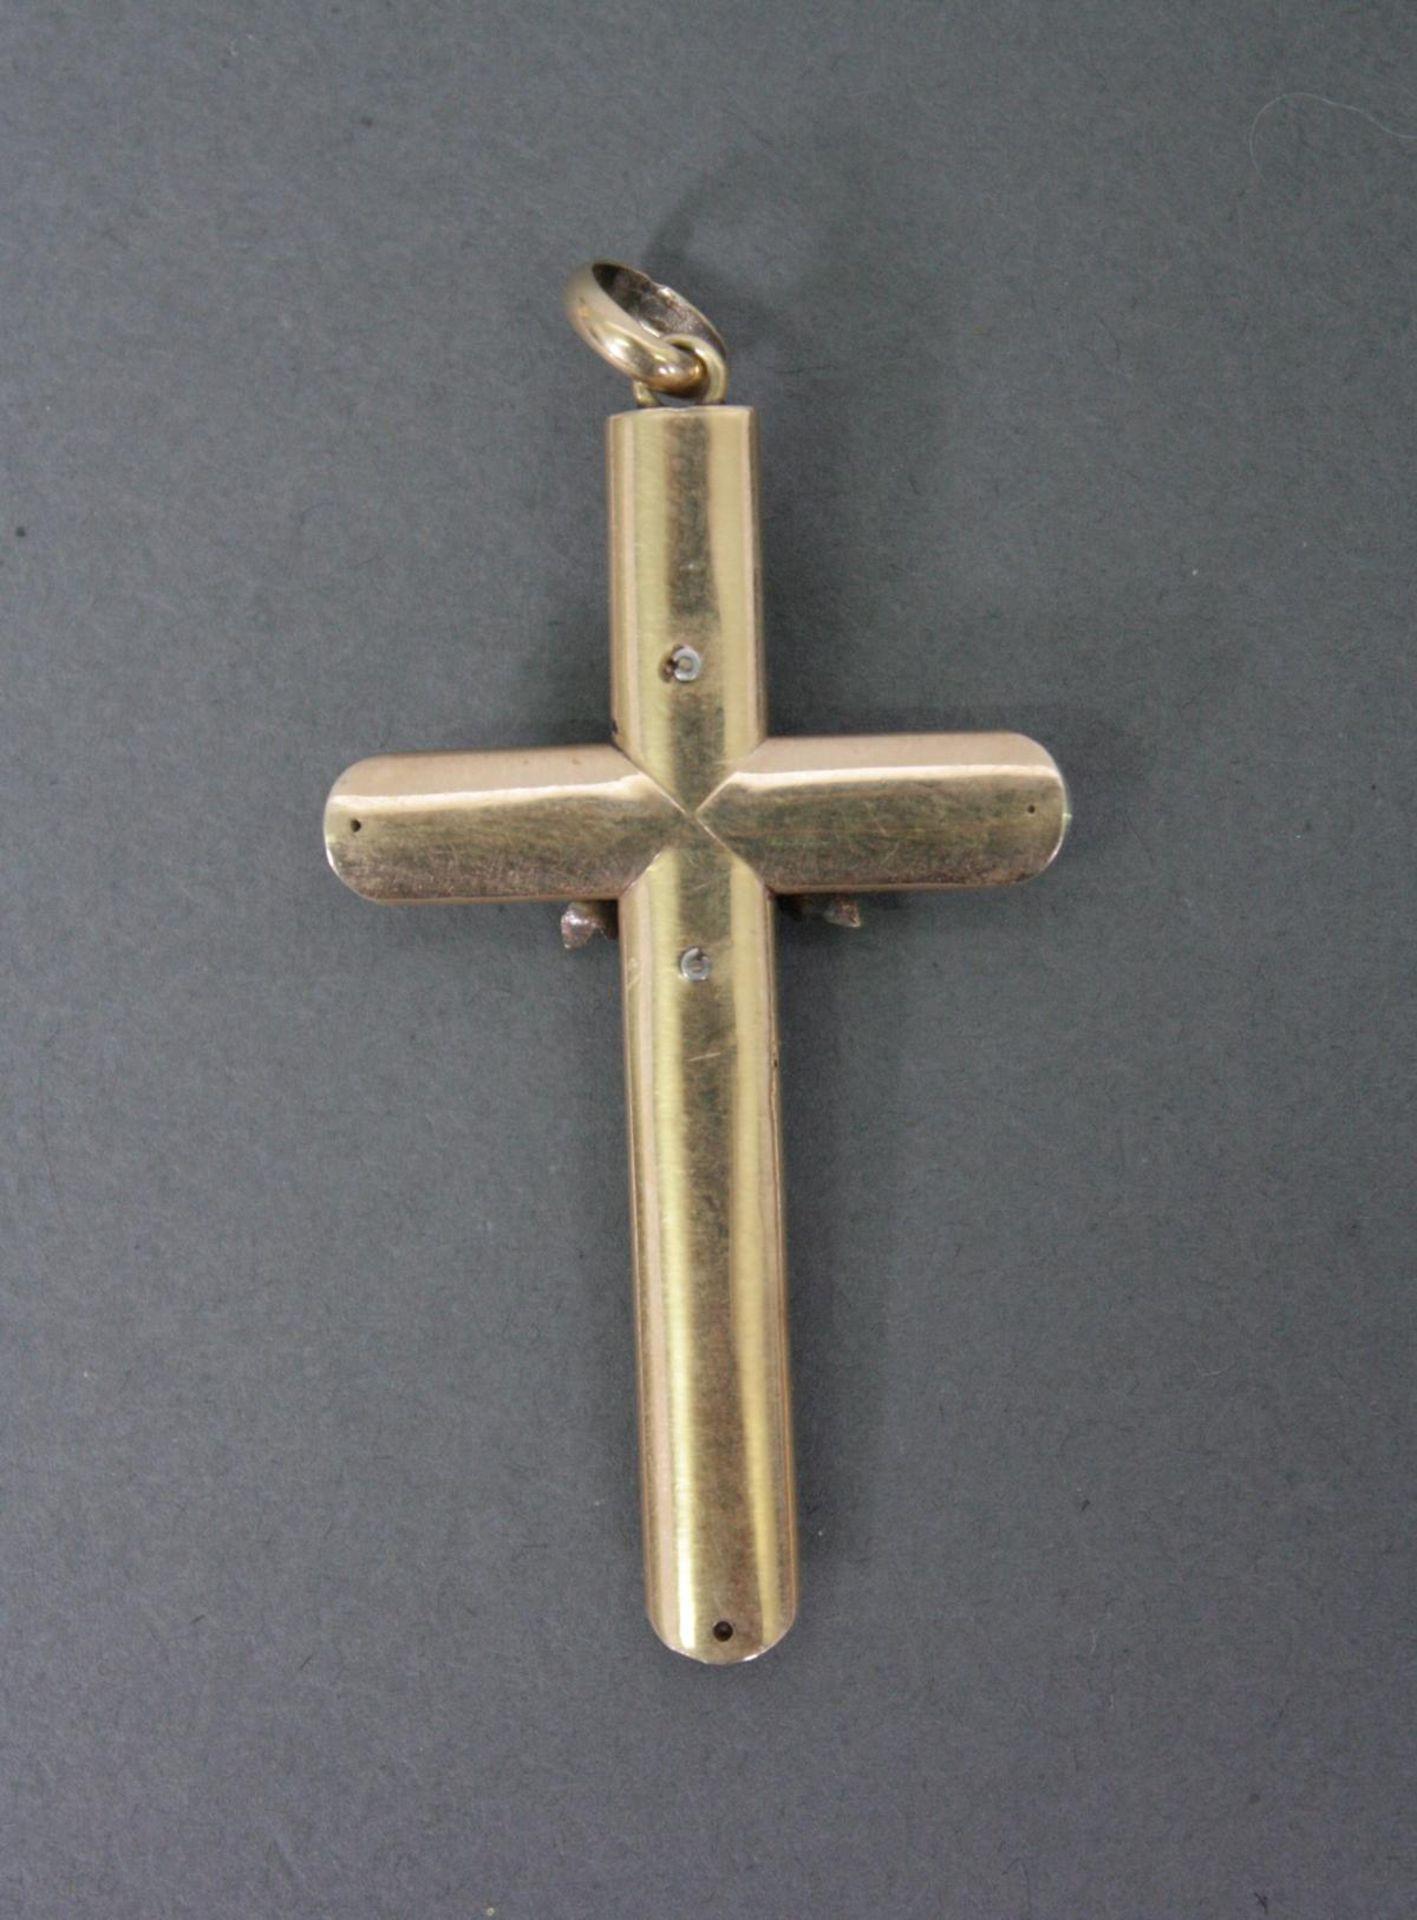 Kreuz-Anhänger aus 14 Karat Gelbgold, 1. Hälfte 20. Jh. - Bild 2 aus 2